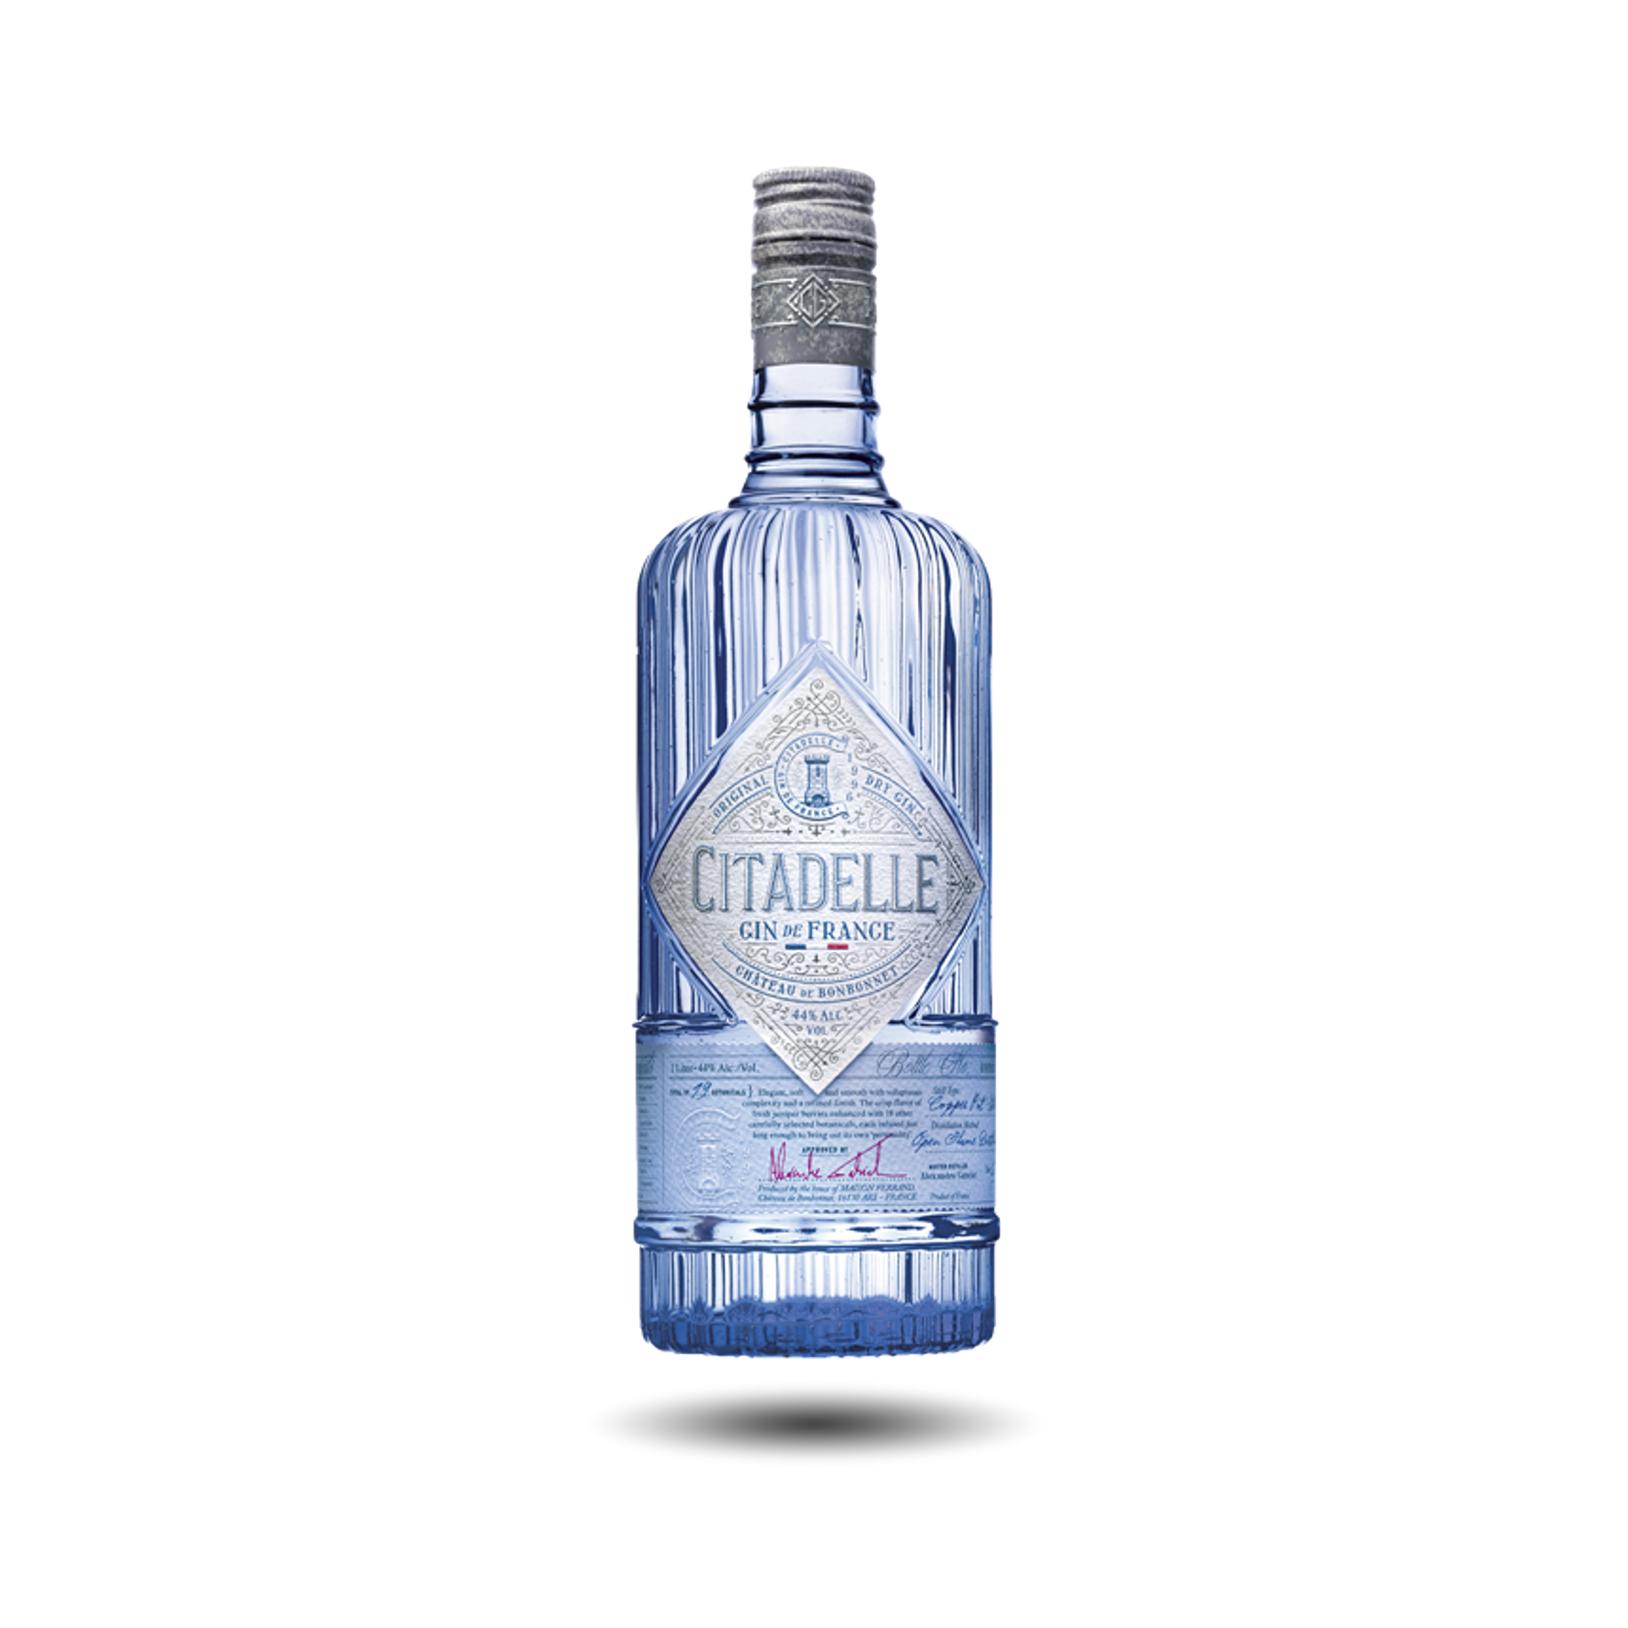 Gin - Citadelle, Gin de France, 44°